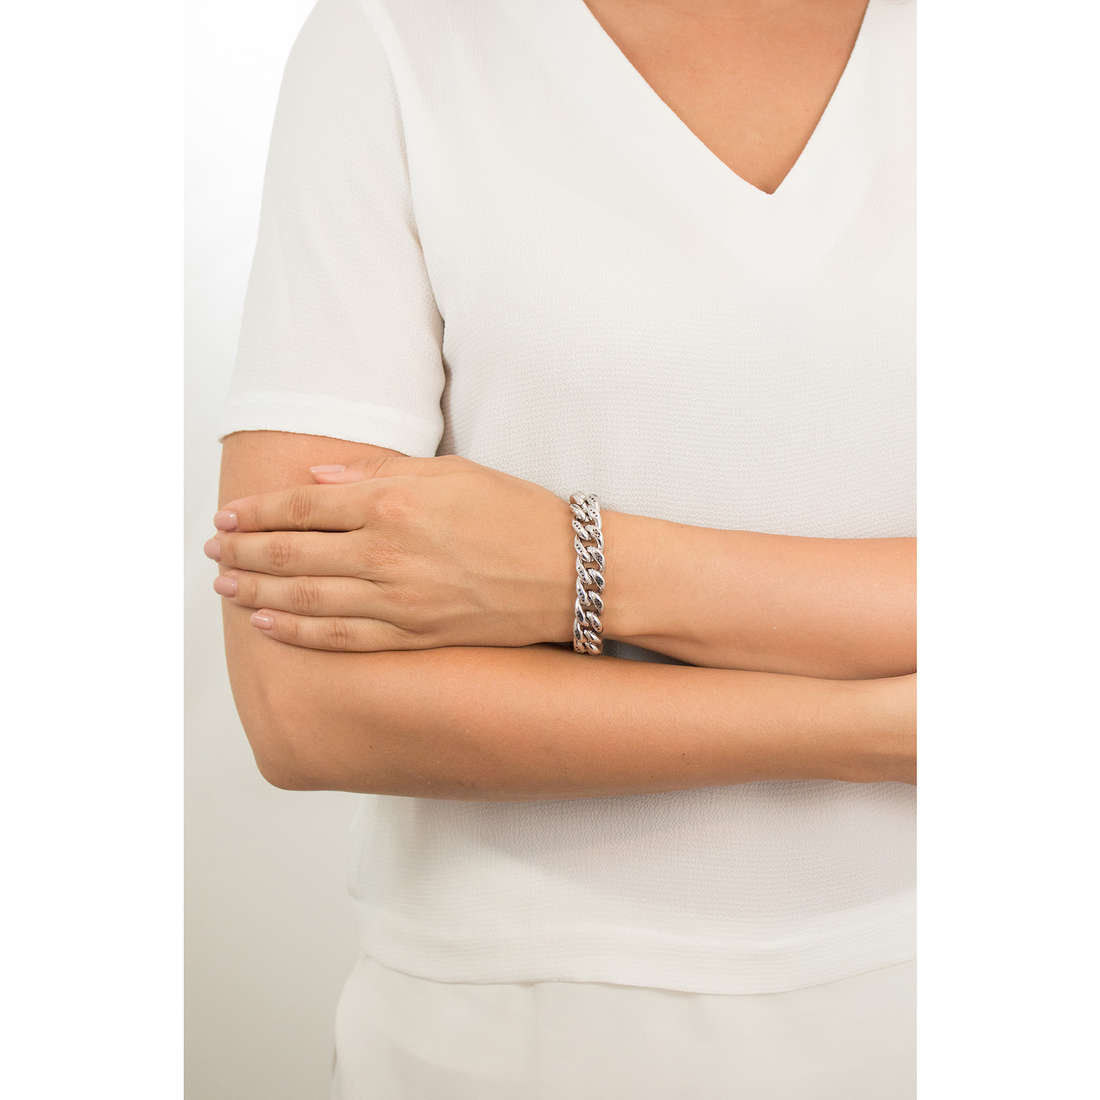 Nomination bracciali Starlight donna 131504/007 indosso